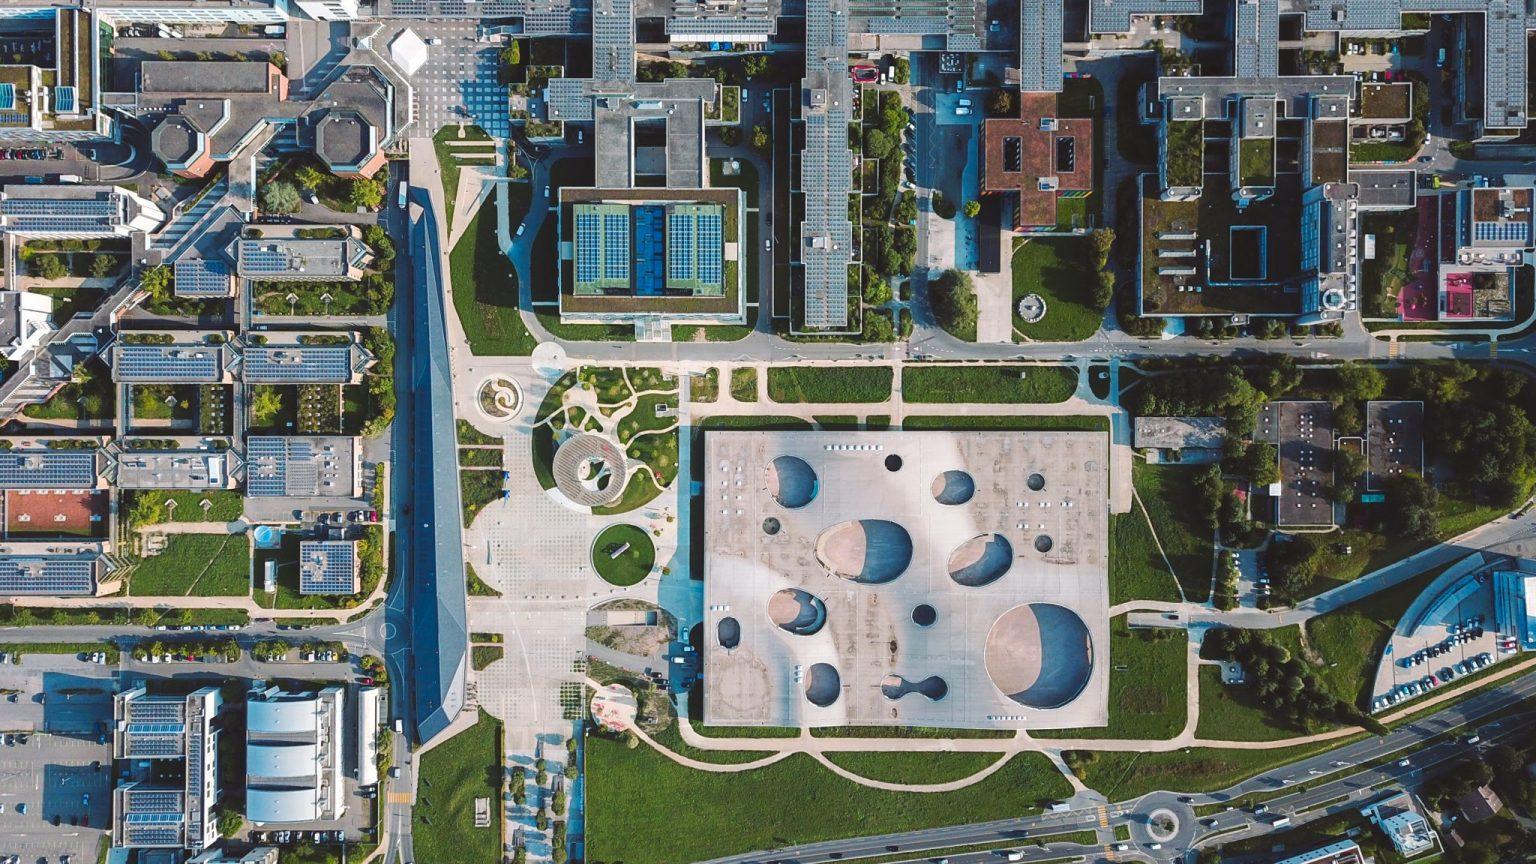 Vue aérienne du campus lausannois de l'EPFL